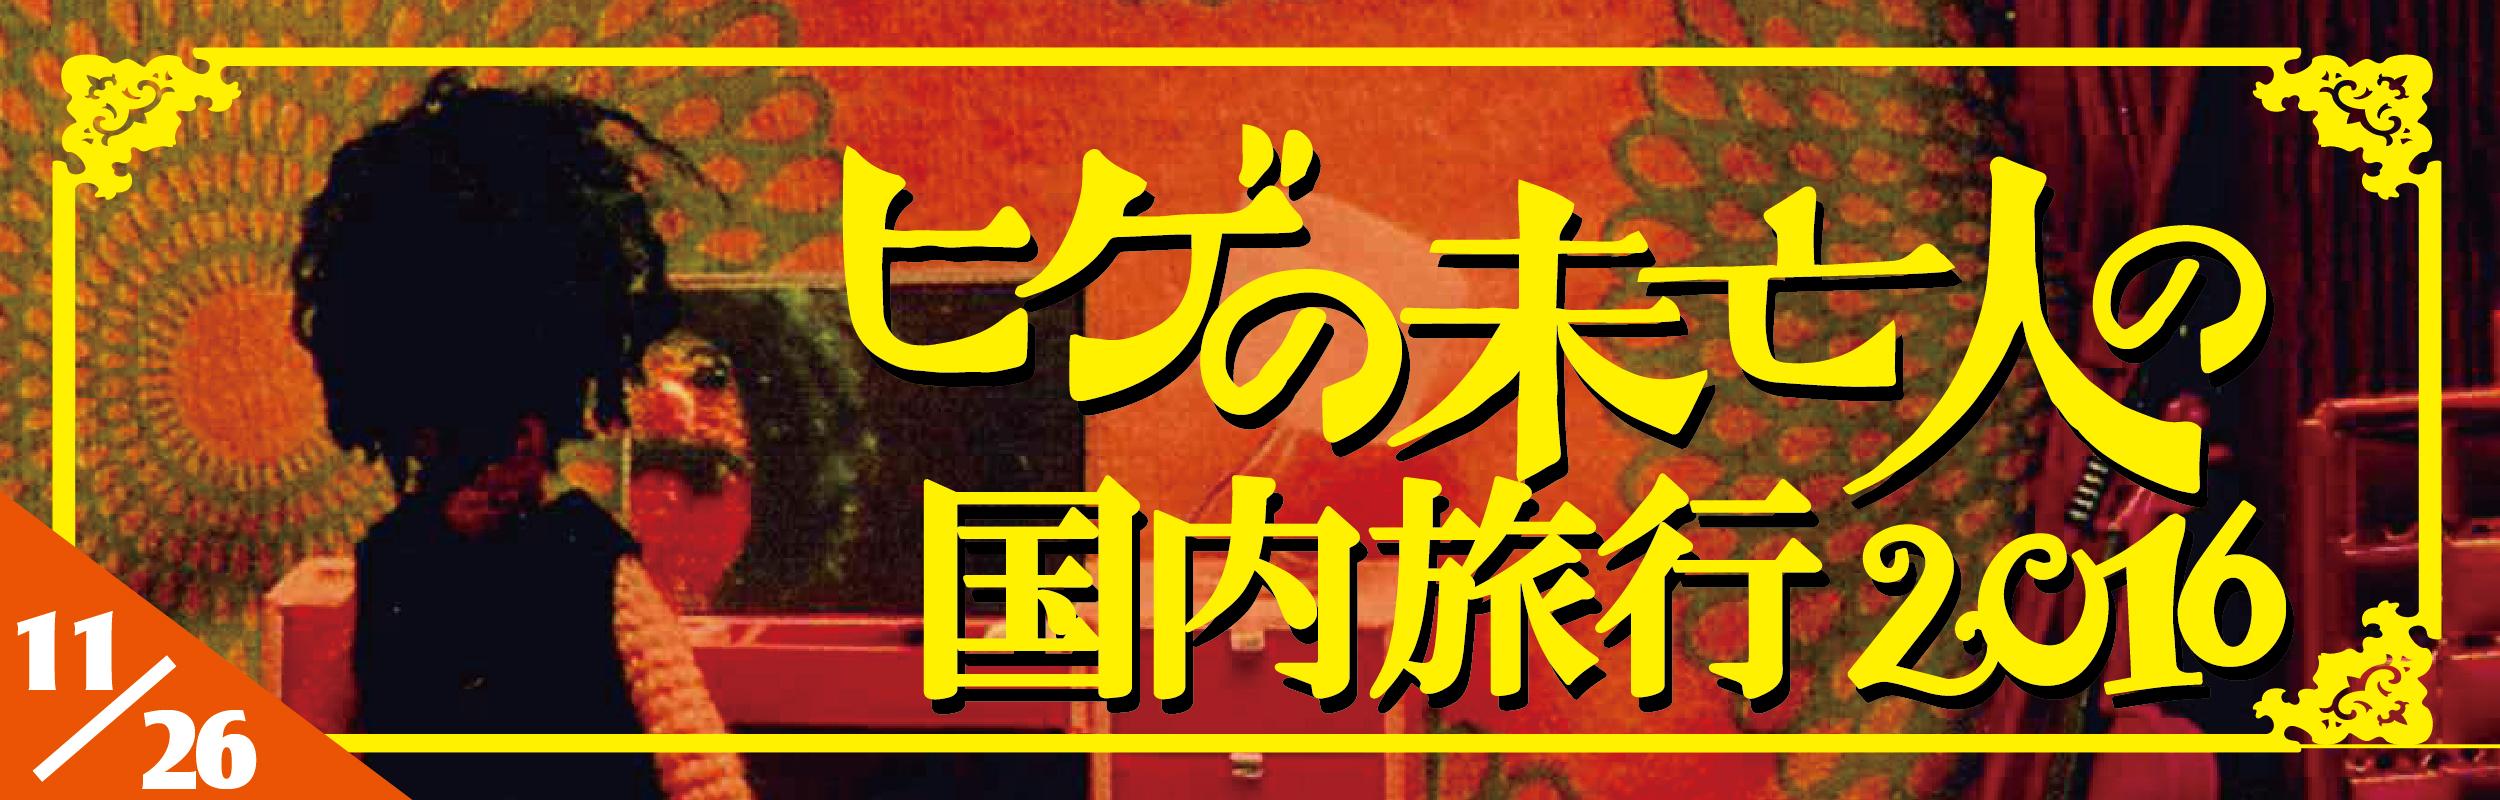 higemibo-banner